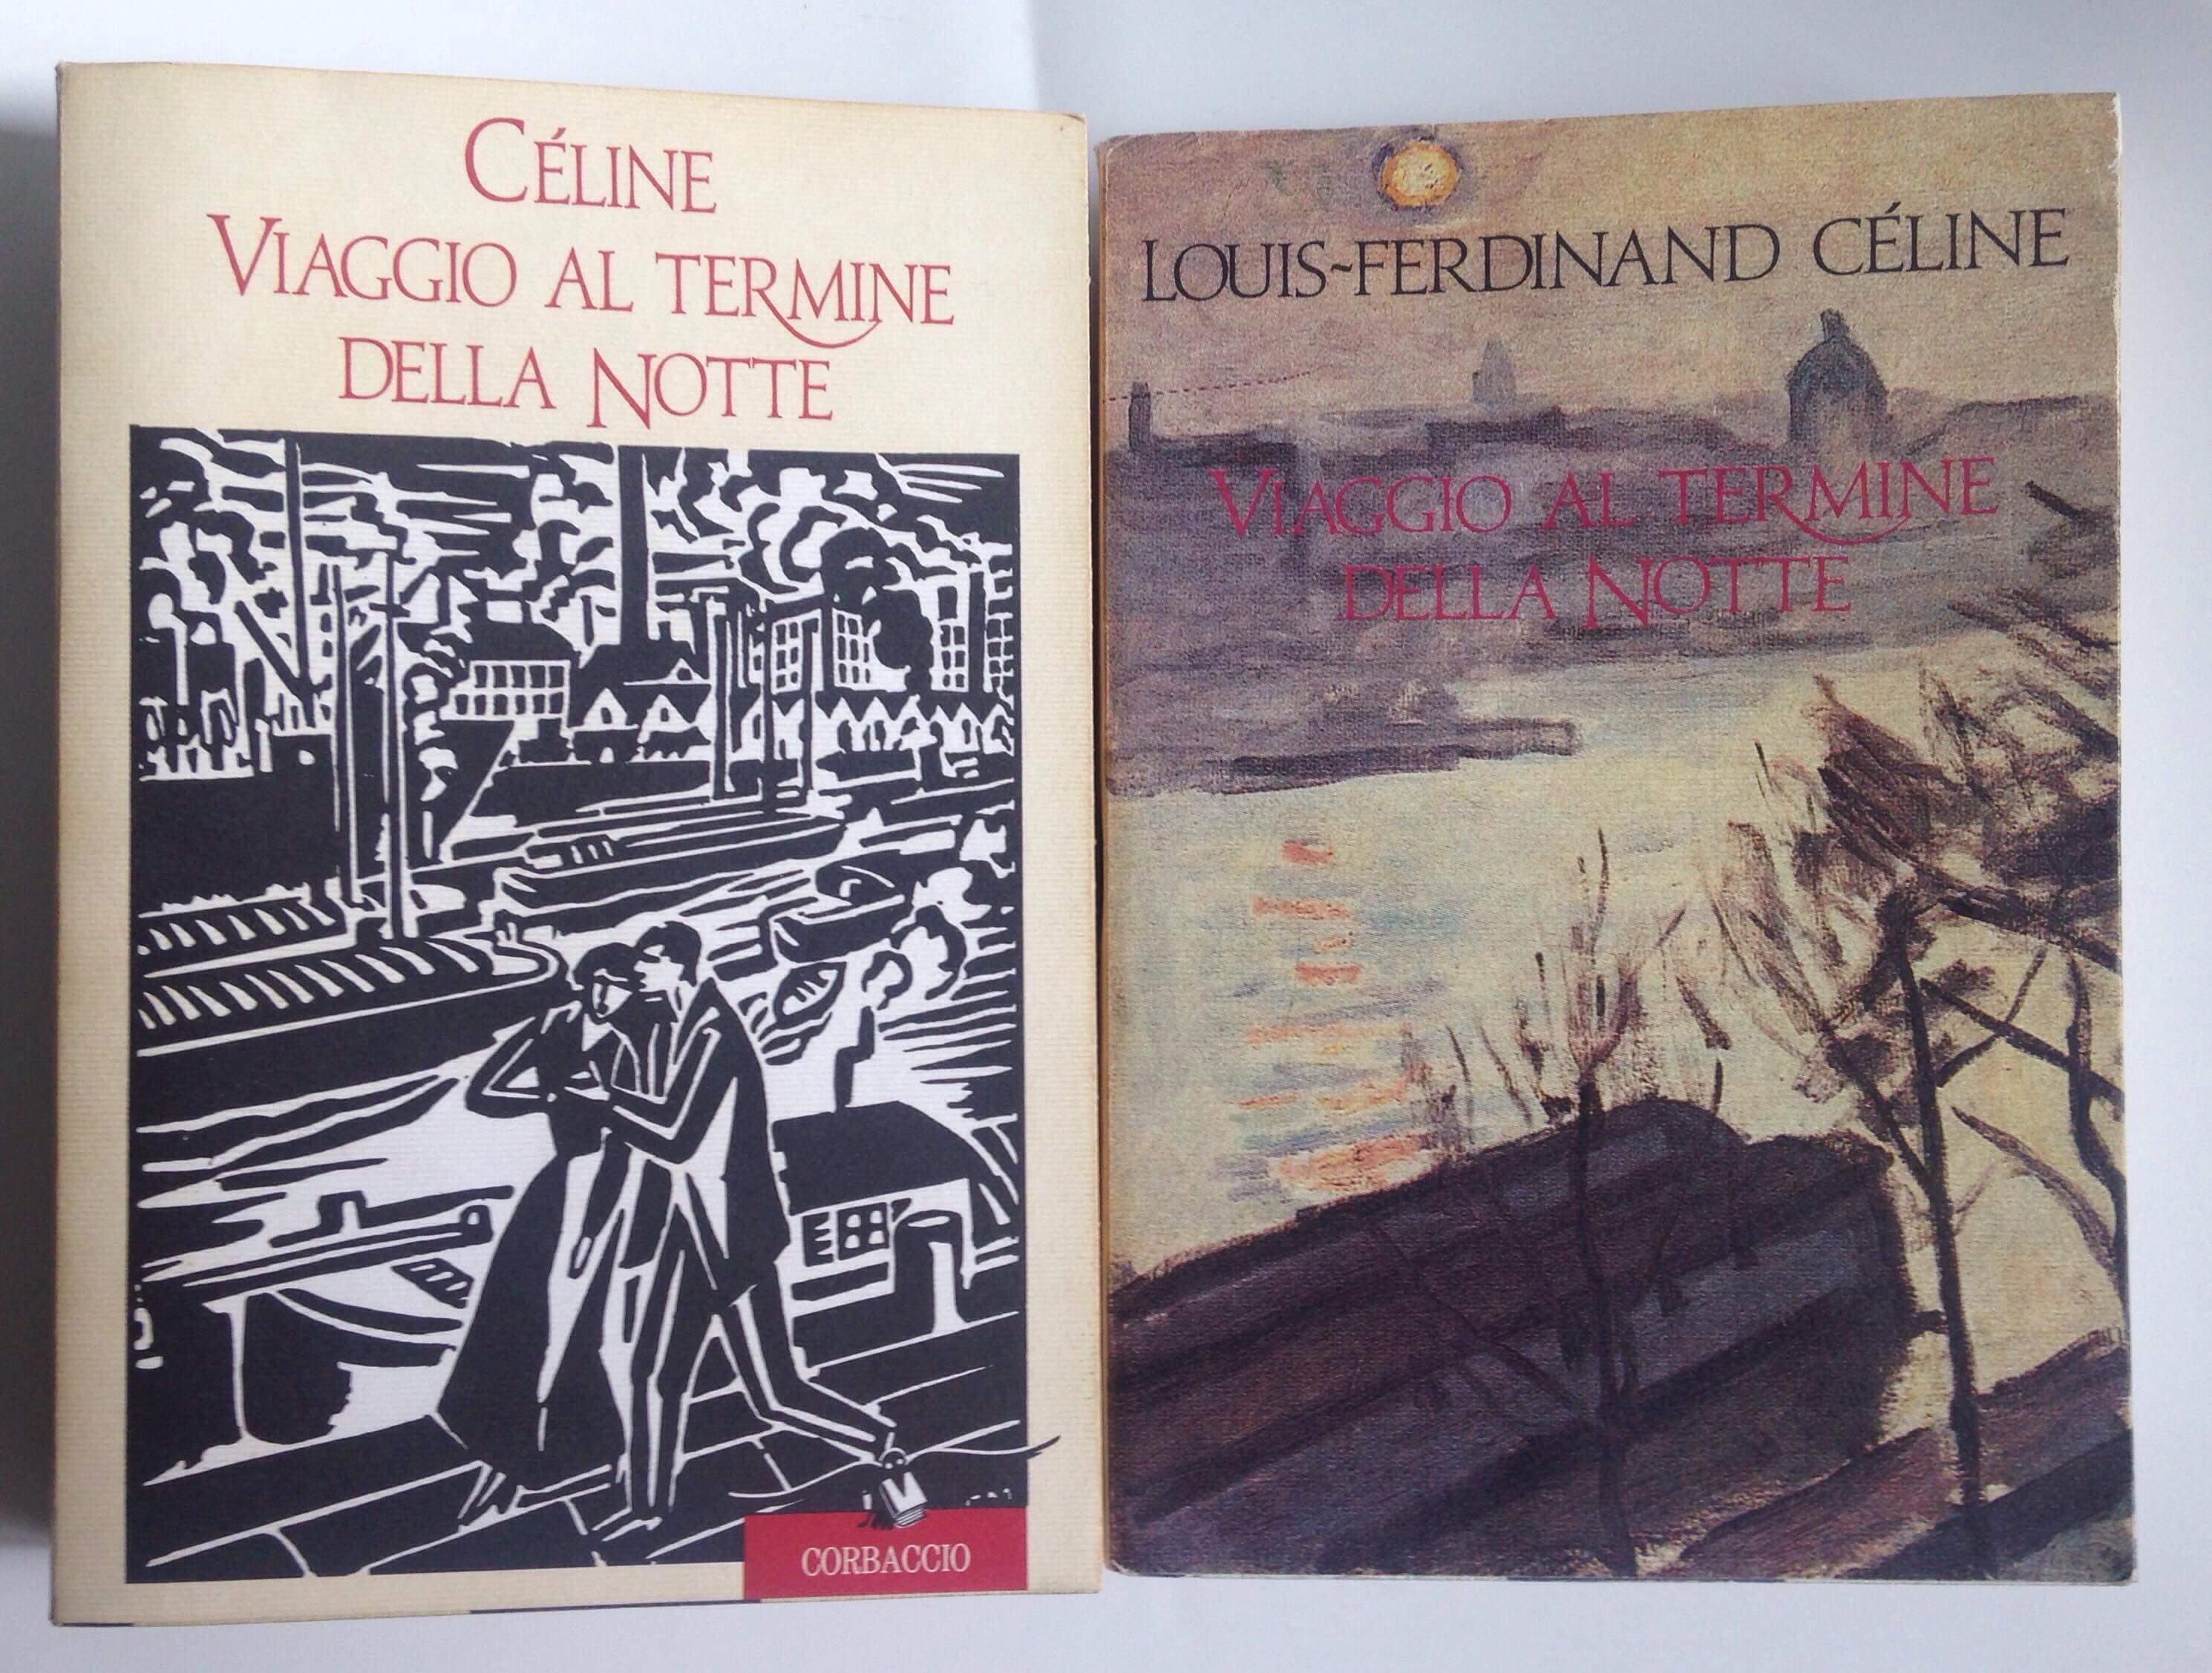 """Una copertina sconosciuta di """"Viaggio al termine della notte"""" di Céline"""